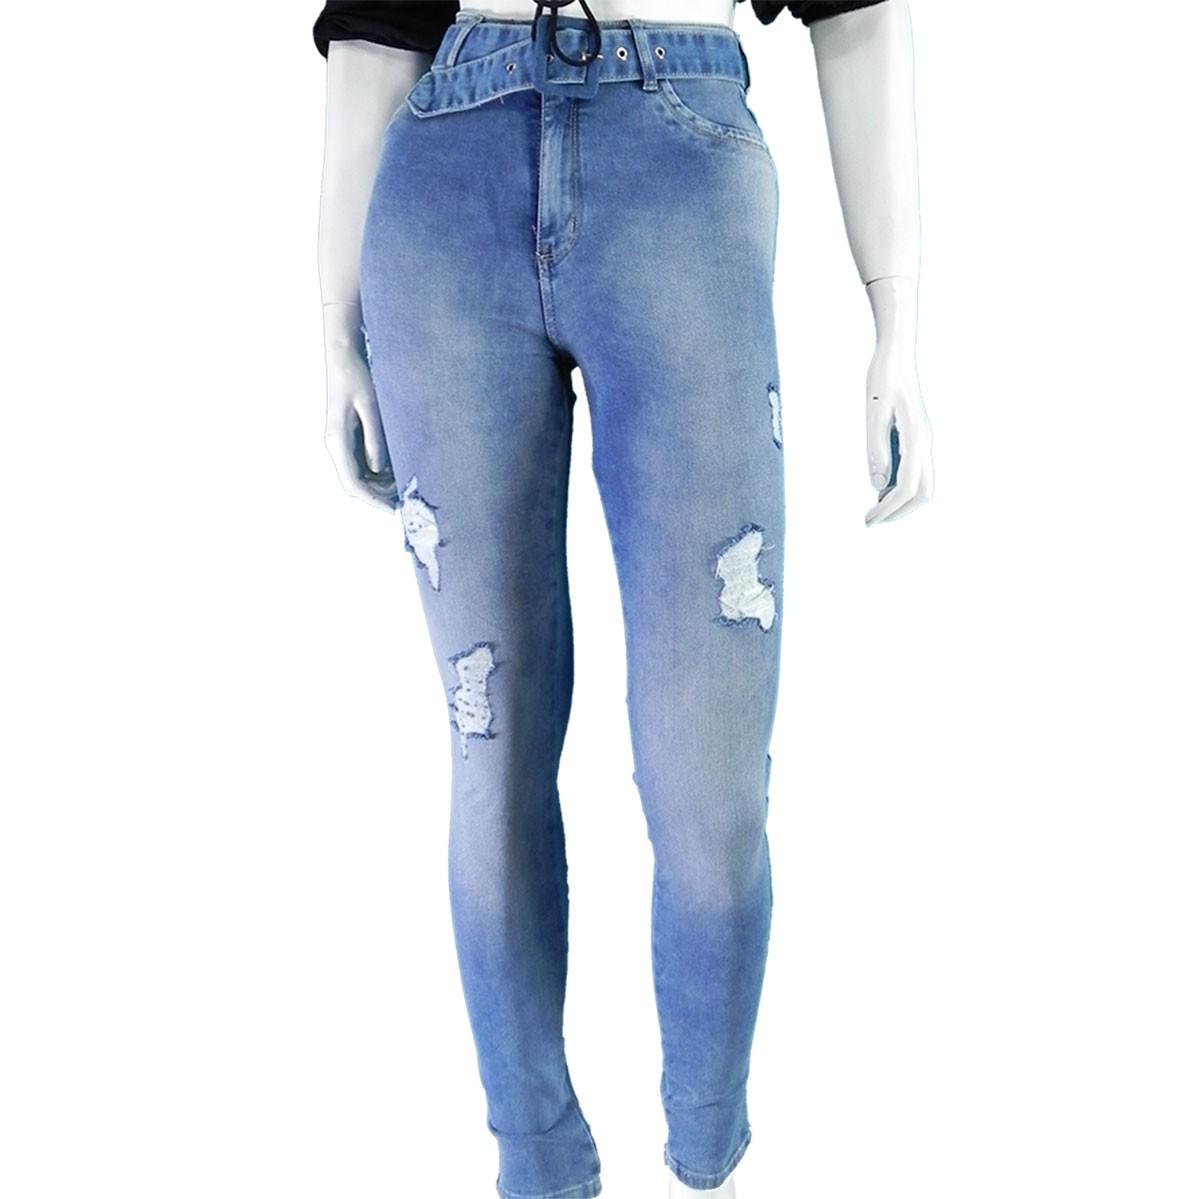 Calça Jeans Feminina Cós Alto Skinny Com Cinto Lançamento Conexão